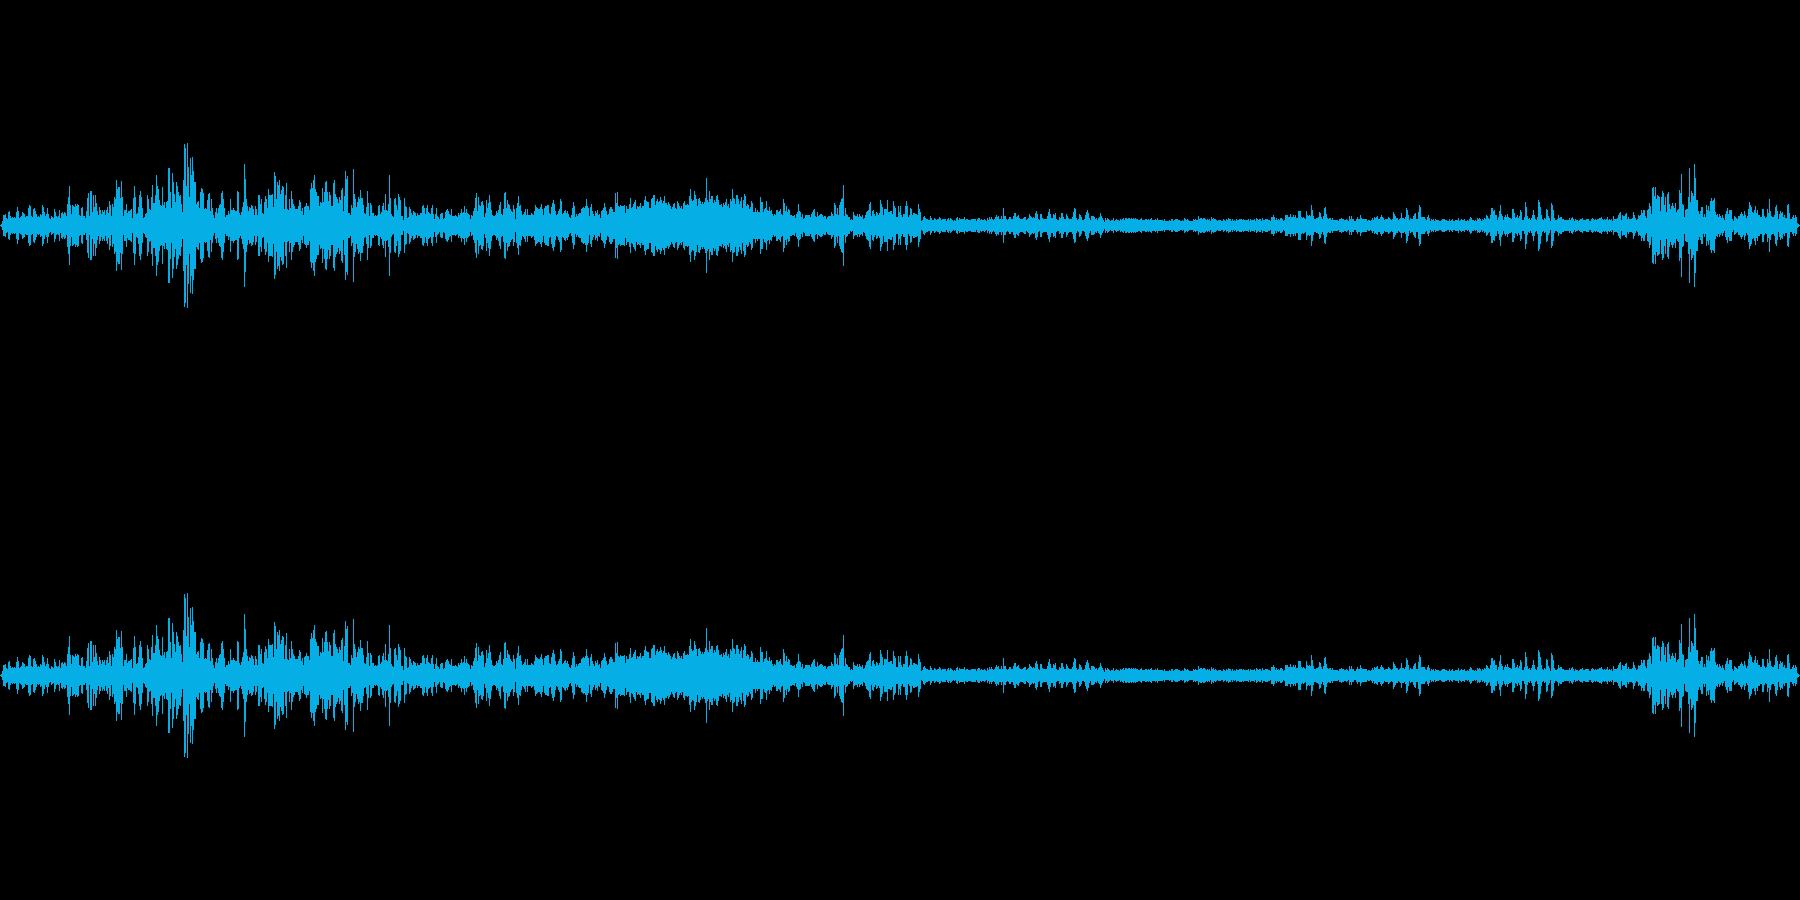 約1分の鳥の声環境音です。の再生済みの波形